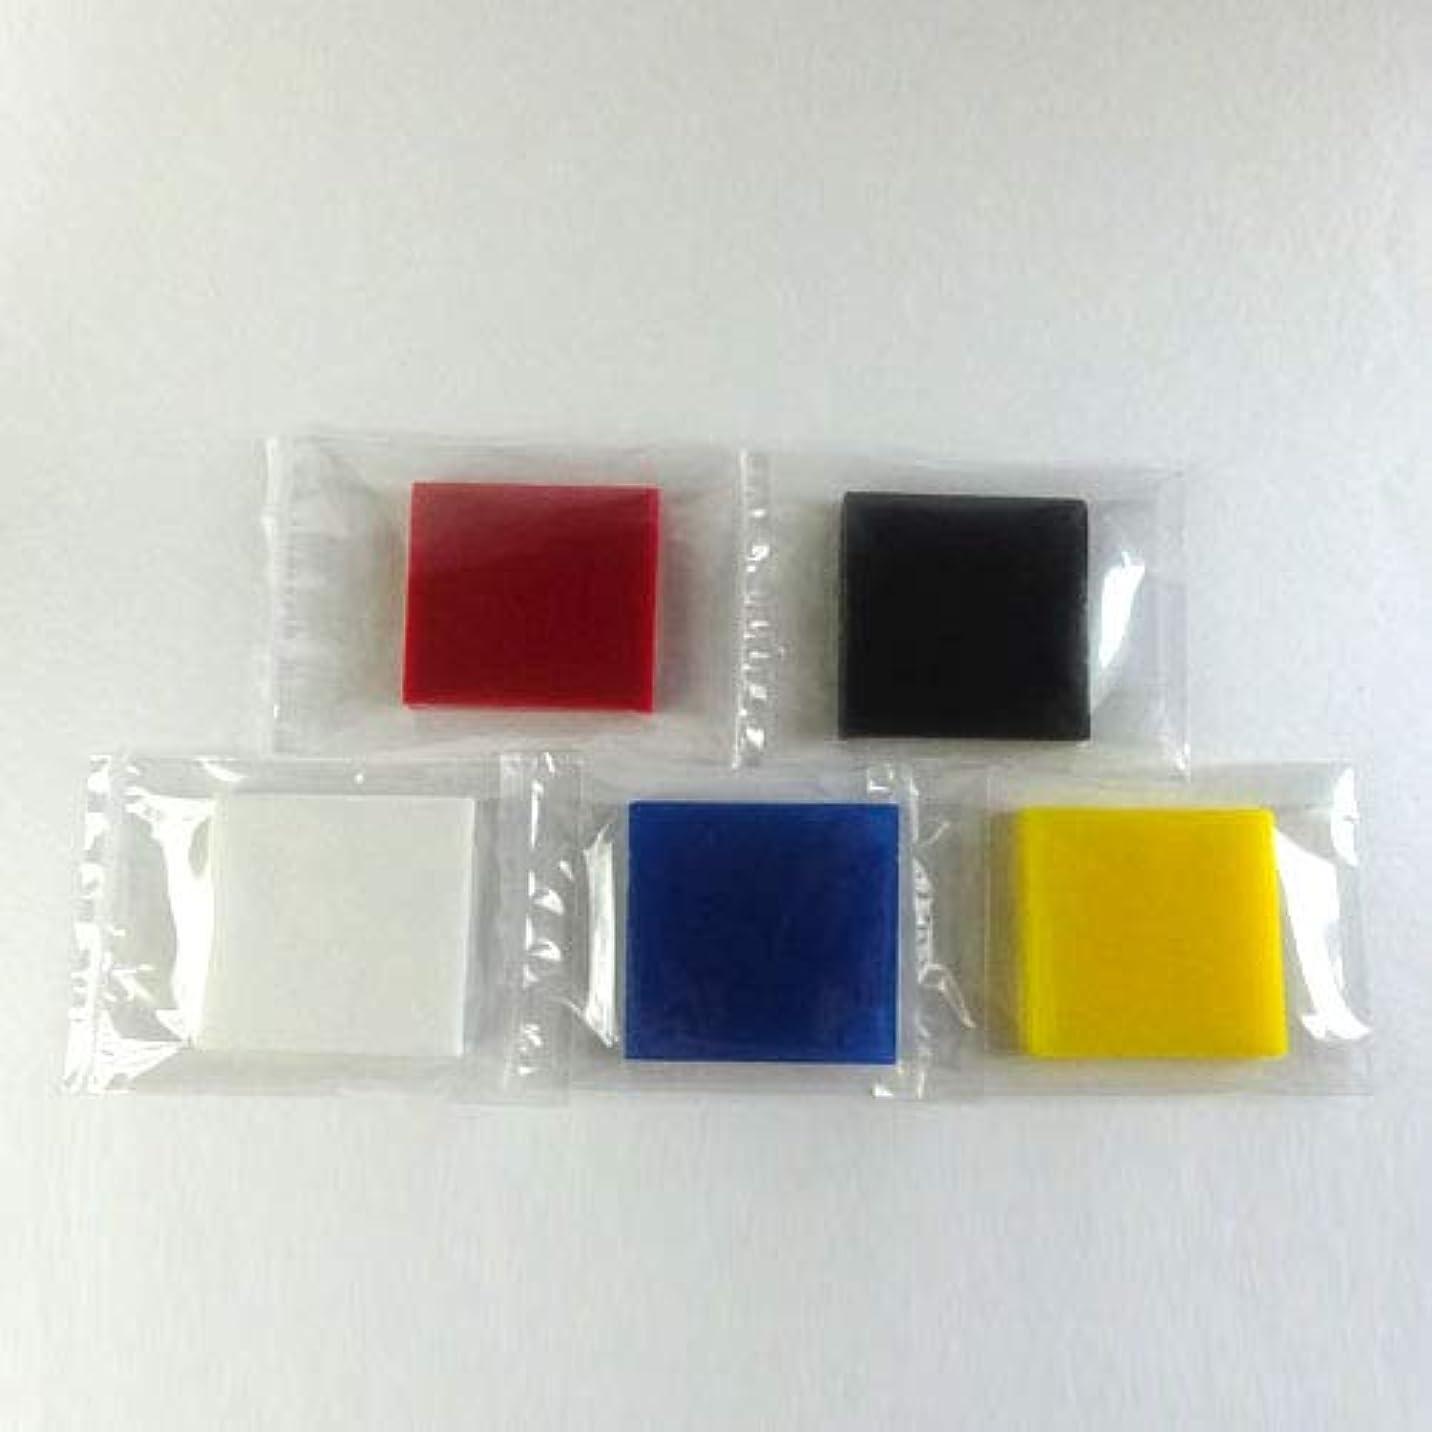 背の高いジェム認めるグリセリンソープ MPソープ 色チップ 5色(赤?青?黄?白?黒) 各60g(30g x 2pc)